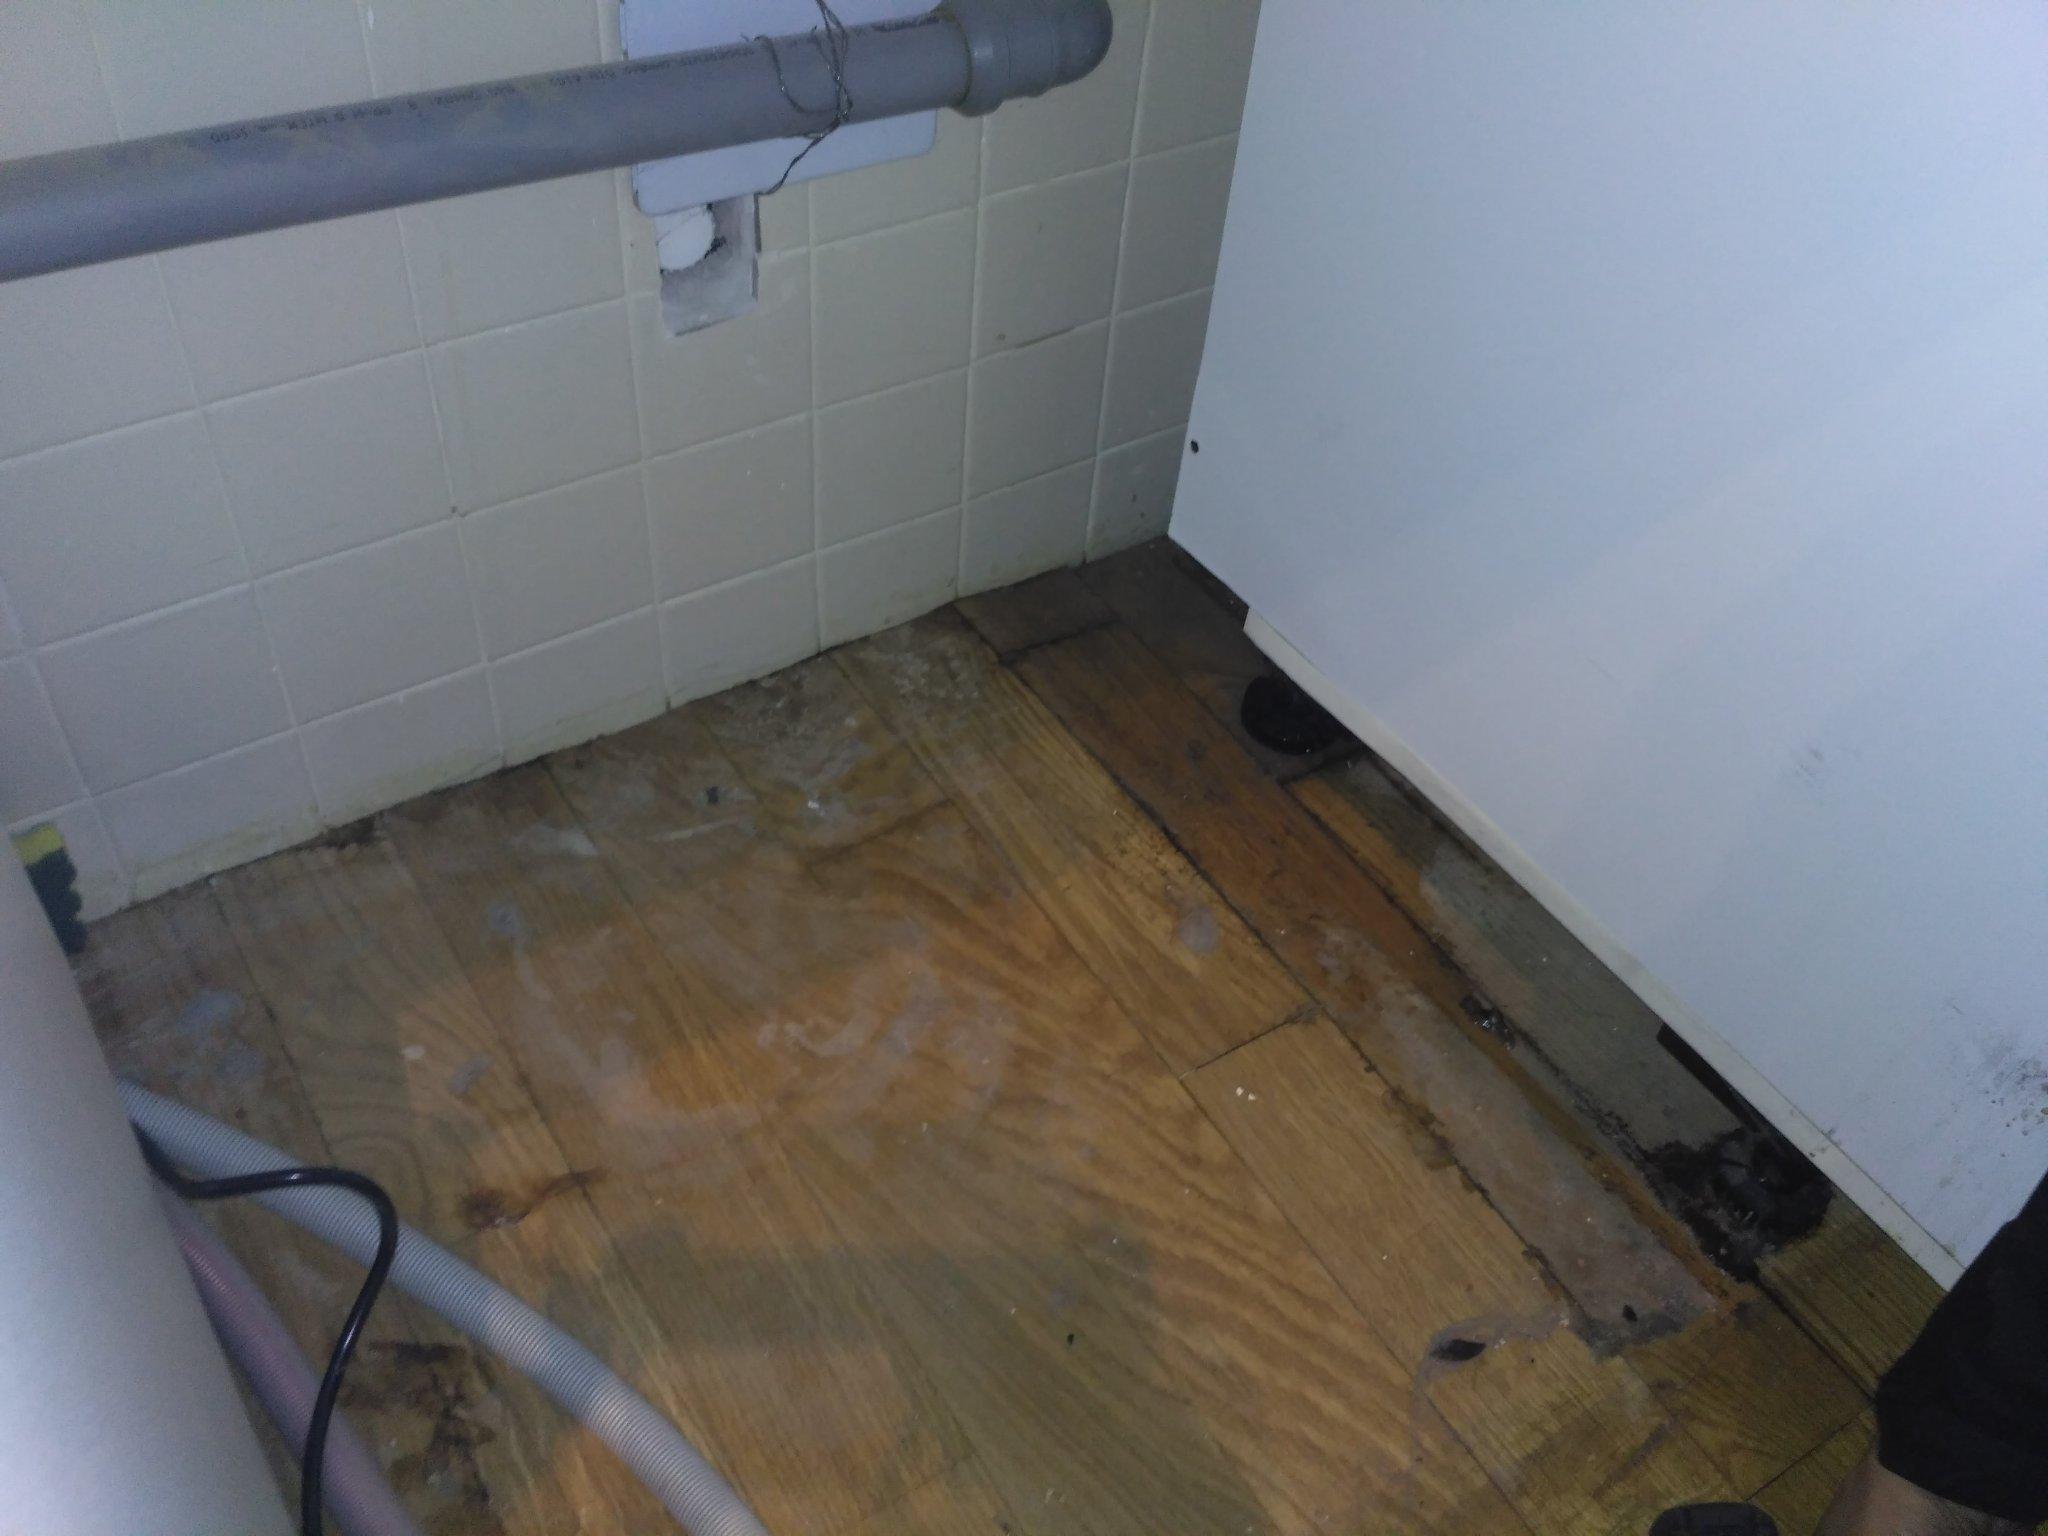 Sostituzione di circa metri quadri di parquet a causa di danno